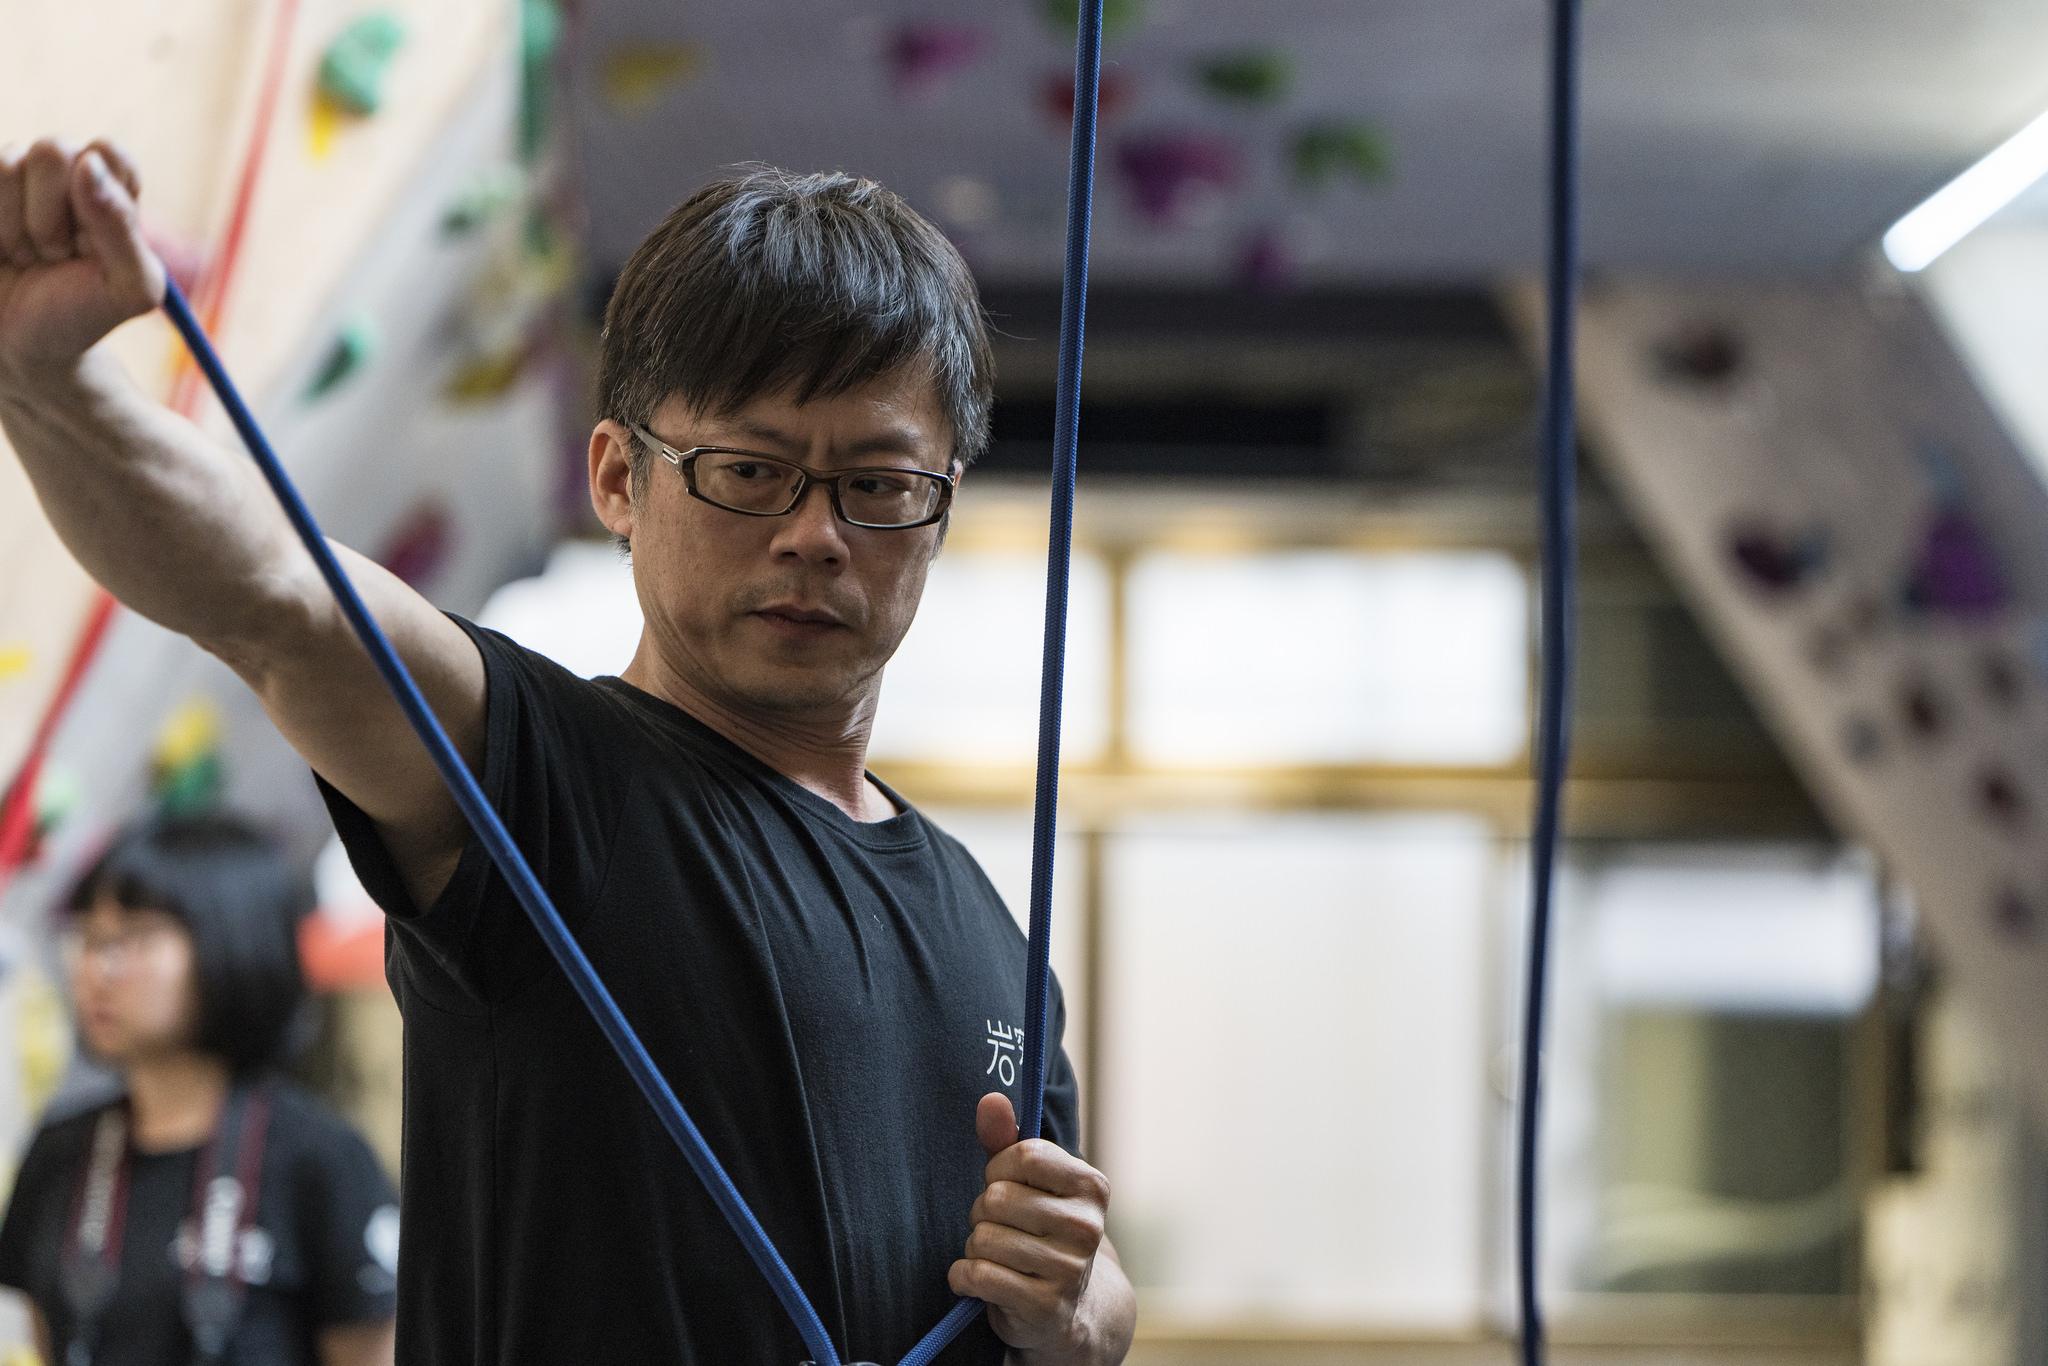 【生活誌專訪】岩究所攀岩教練 – 馬克。讓攀岩像跑步一樣普及,老中幼都能玩!